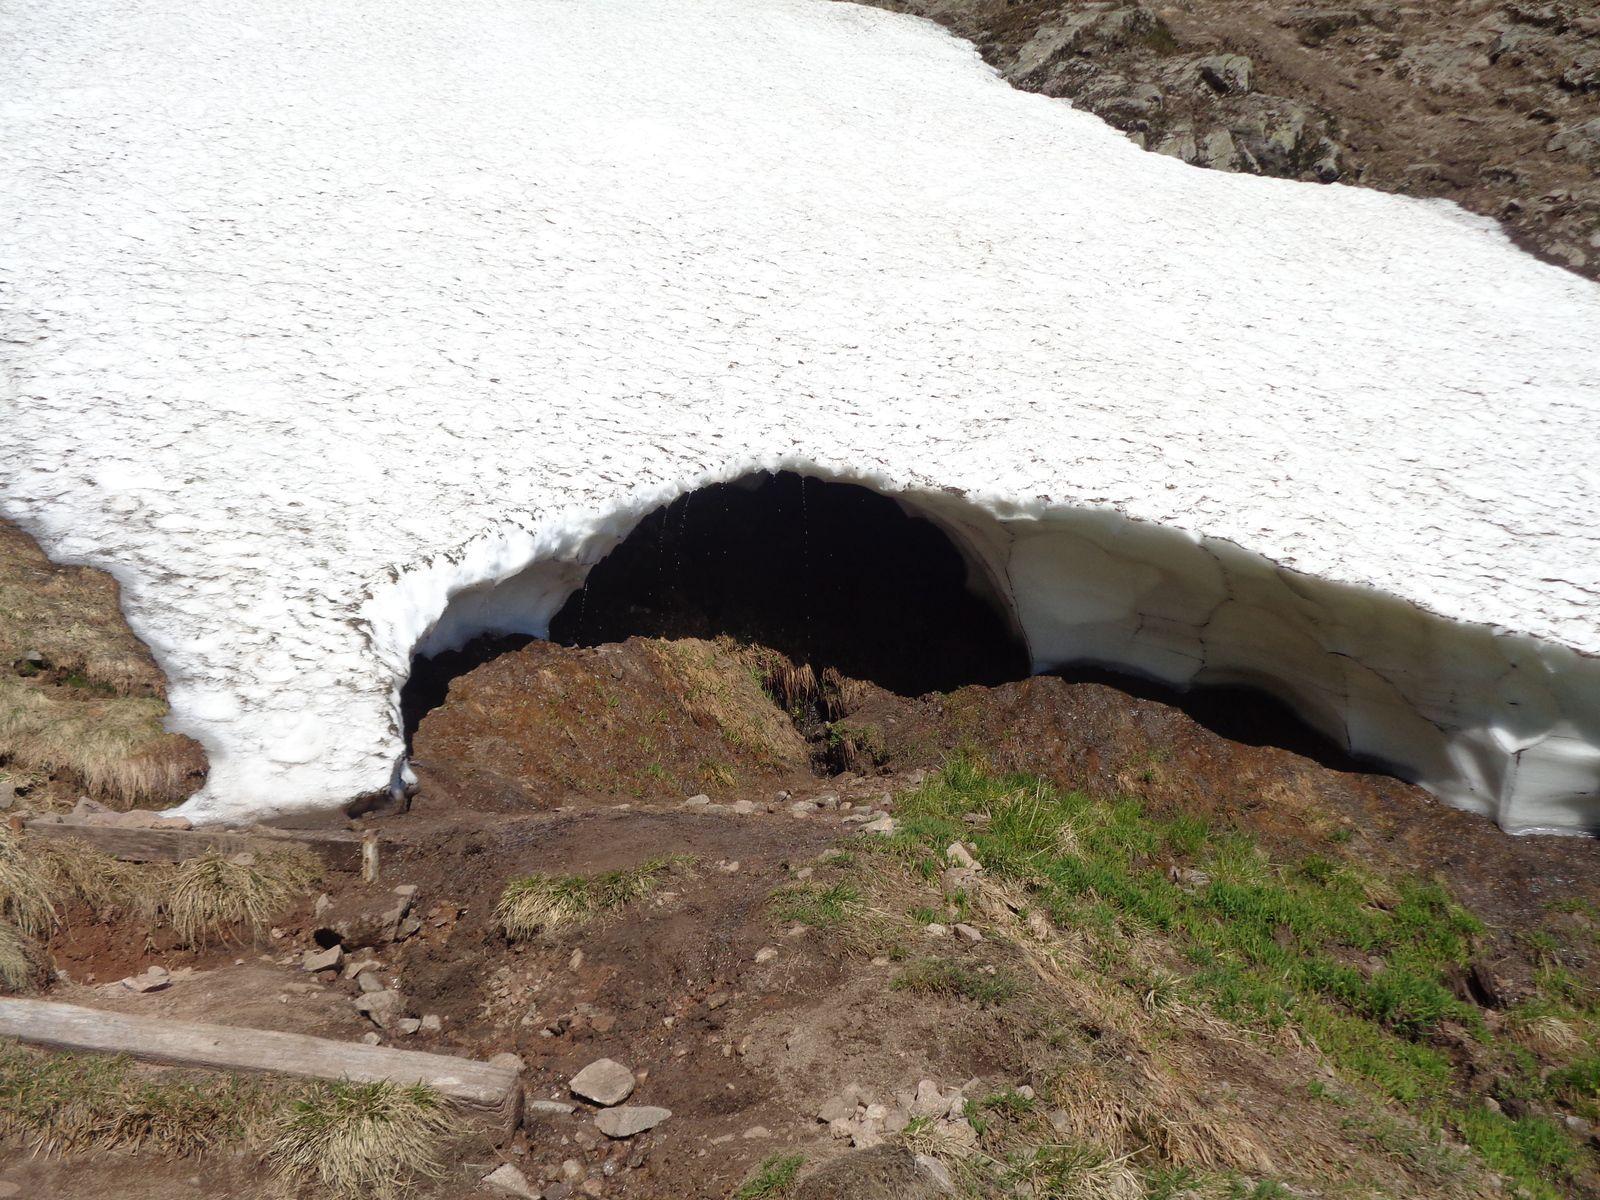 Situé sur l'emplacement d'une source, le névé alimentera en eau le petit ru qui dévale les pentes du Falimont.